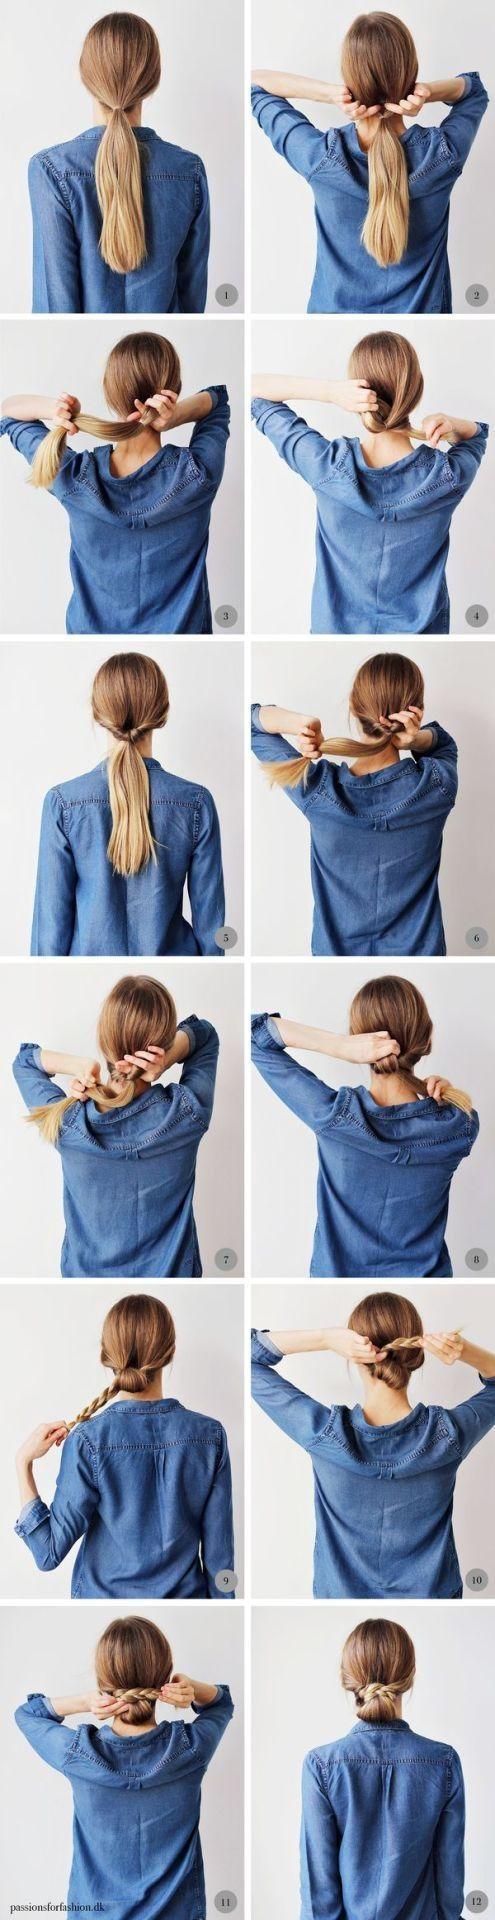 Die praktischsten und schnellsten einfachen Frisuren zum Valentinstag ... - Tauffrisur - #Taufe #Die #Einfachen #Frisuren #Haare